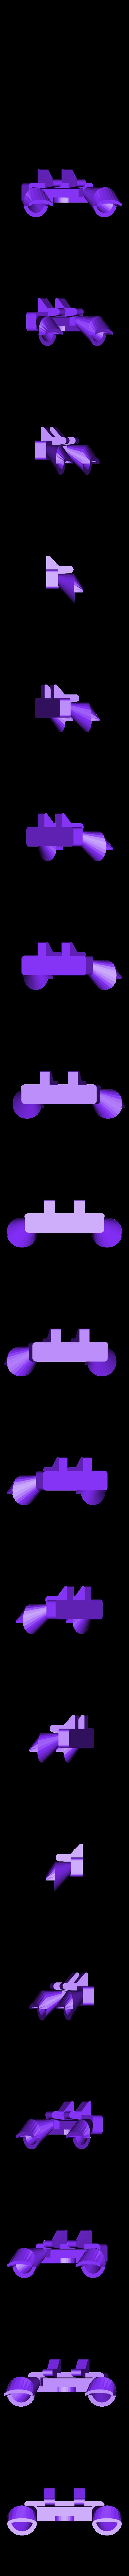 Amplificatore_Iphone_6.stl Télécharger fichier STL gratuit Amplificateur Iphone 6 • Objet à imprimer en 3D, Tanleste46